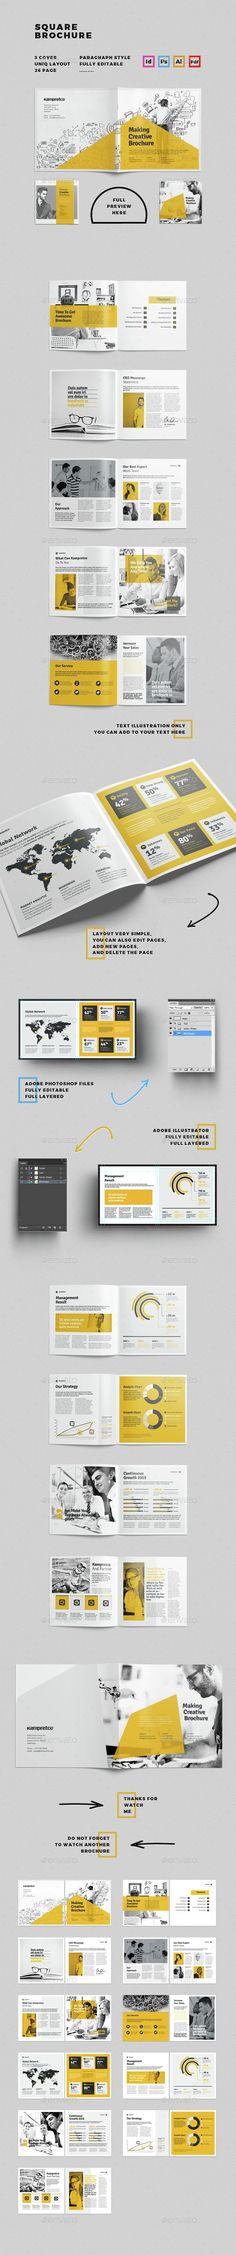 Brochure - Corporate Brochures | Download http://graphicriver.net/item/brochure/15293602?ref=sinzo